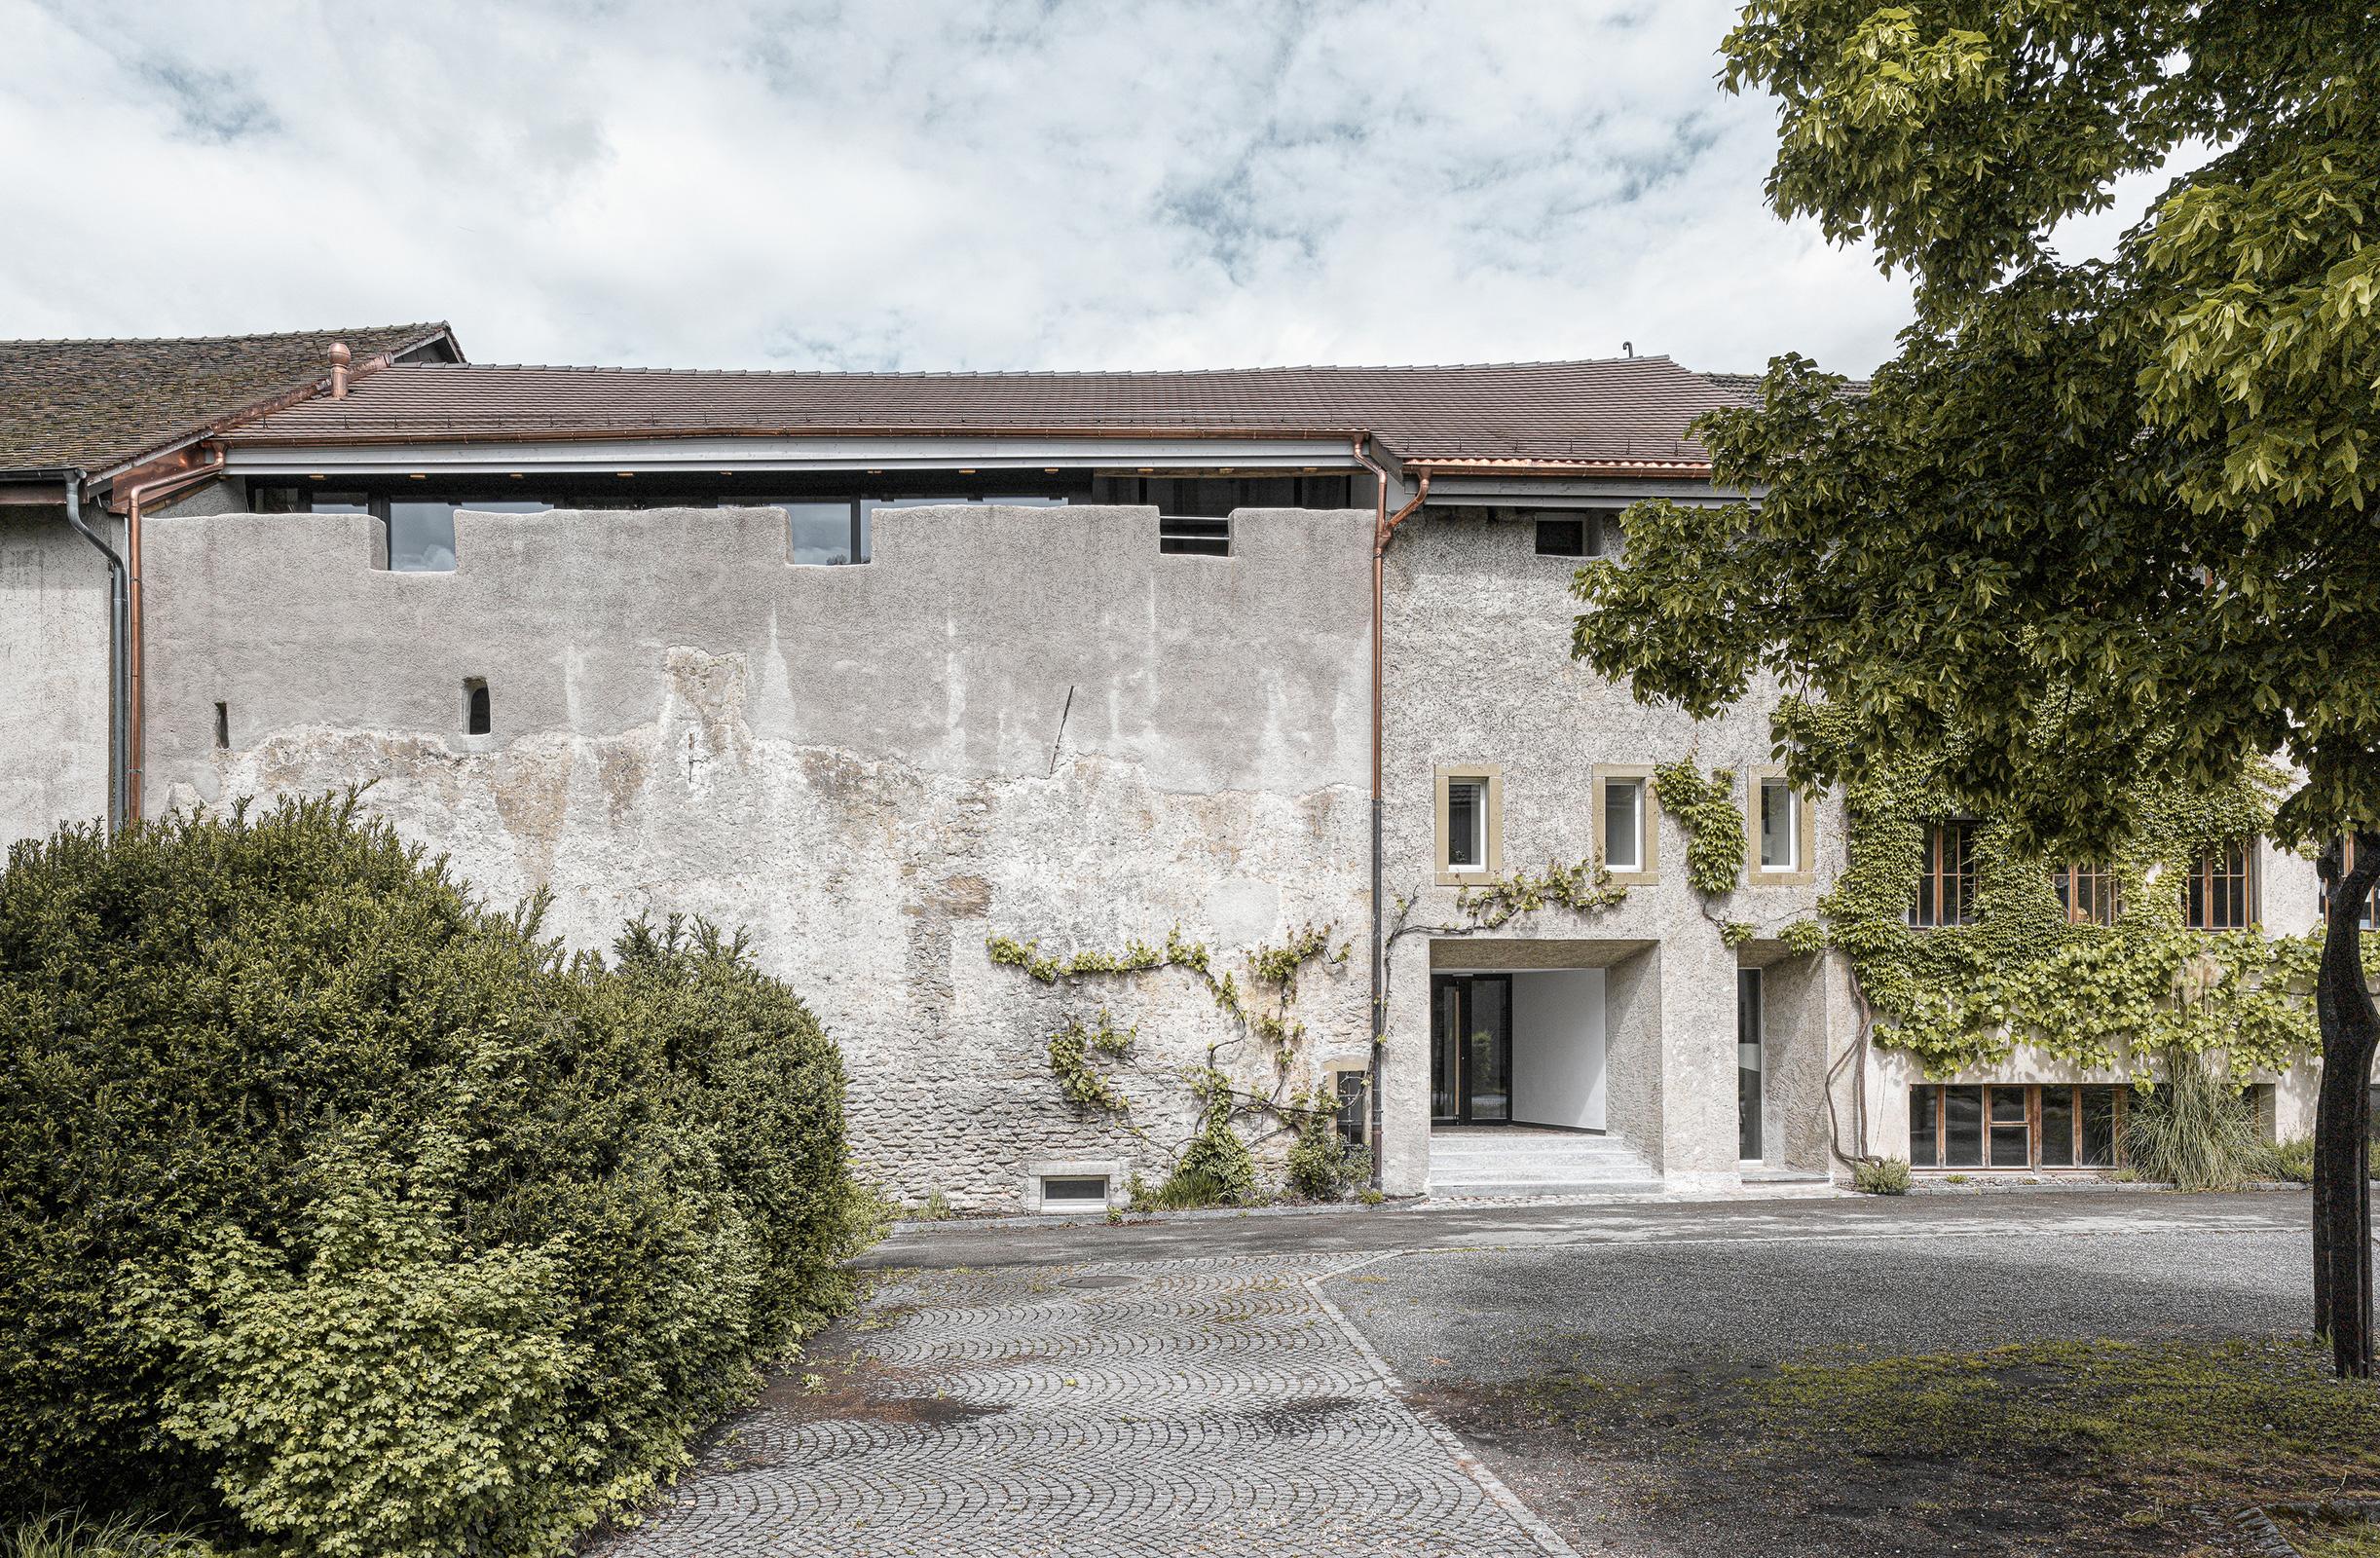 1808 Altstadthaus Obere Promenade